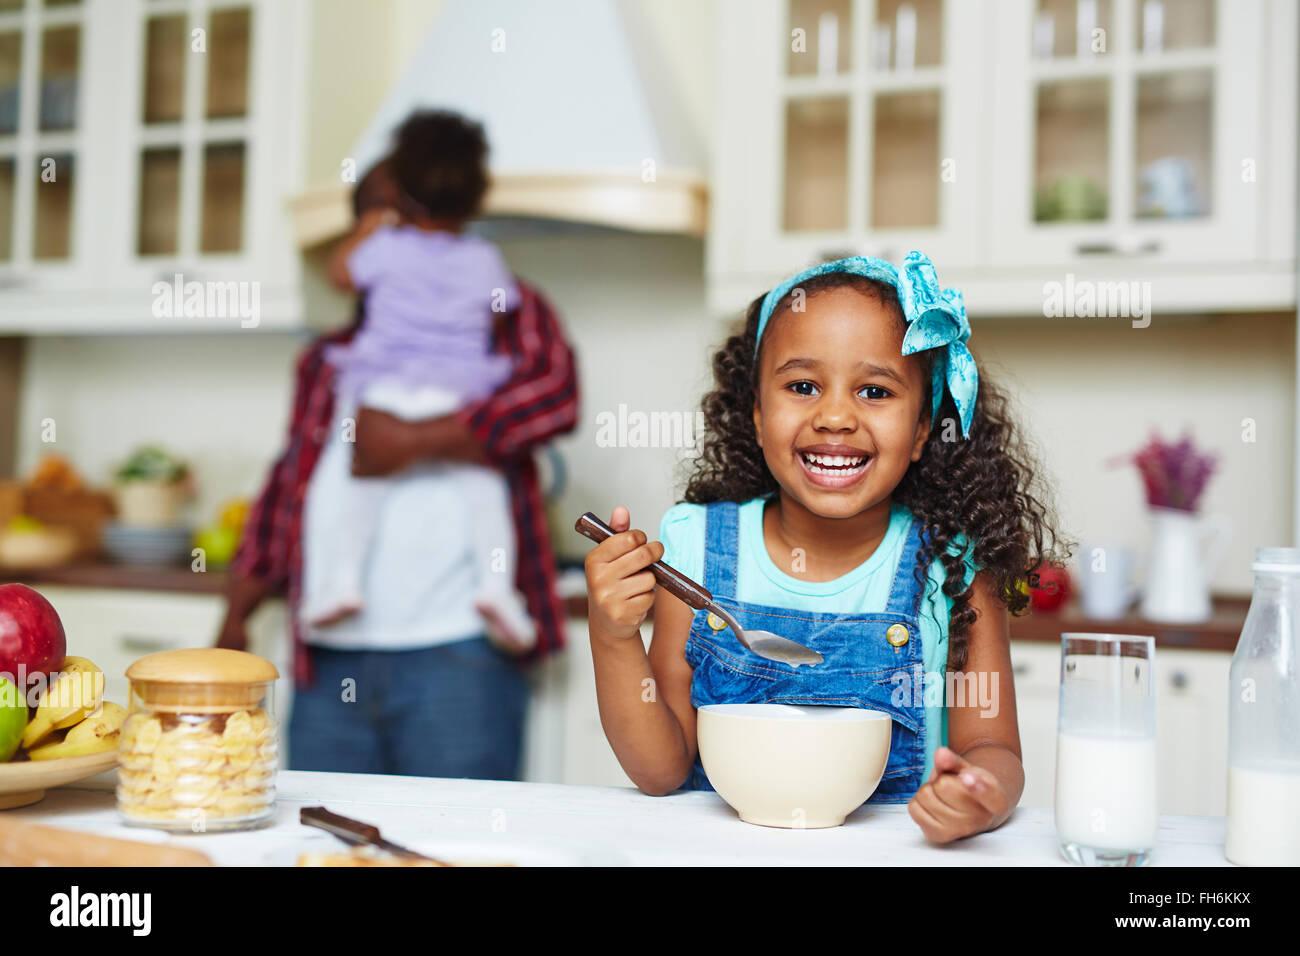 Feliz chica afroamericana mañana comer cereales Imagen De Stock